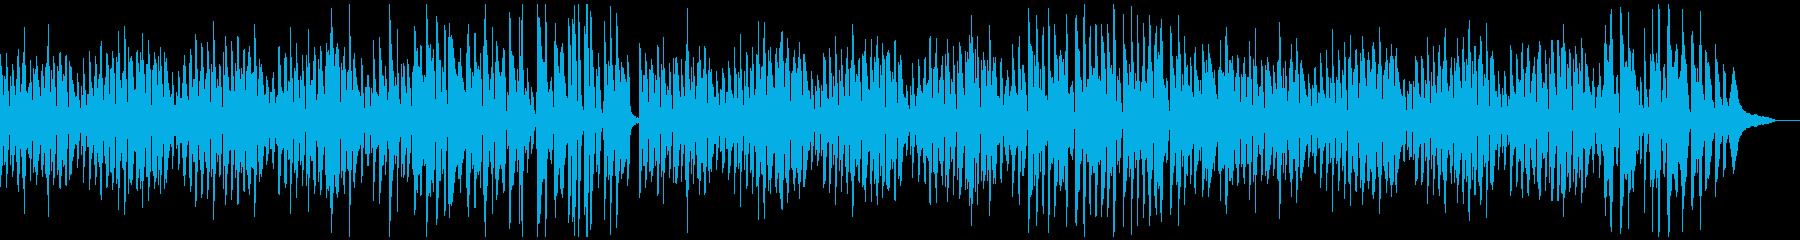 日常シーン向きのほのぼの可愛い曲の再生済みの波形